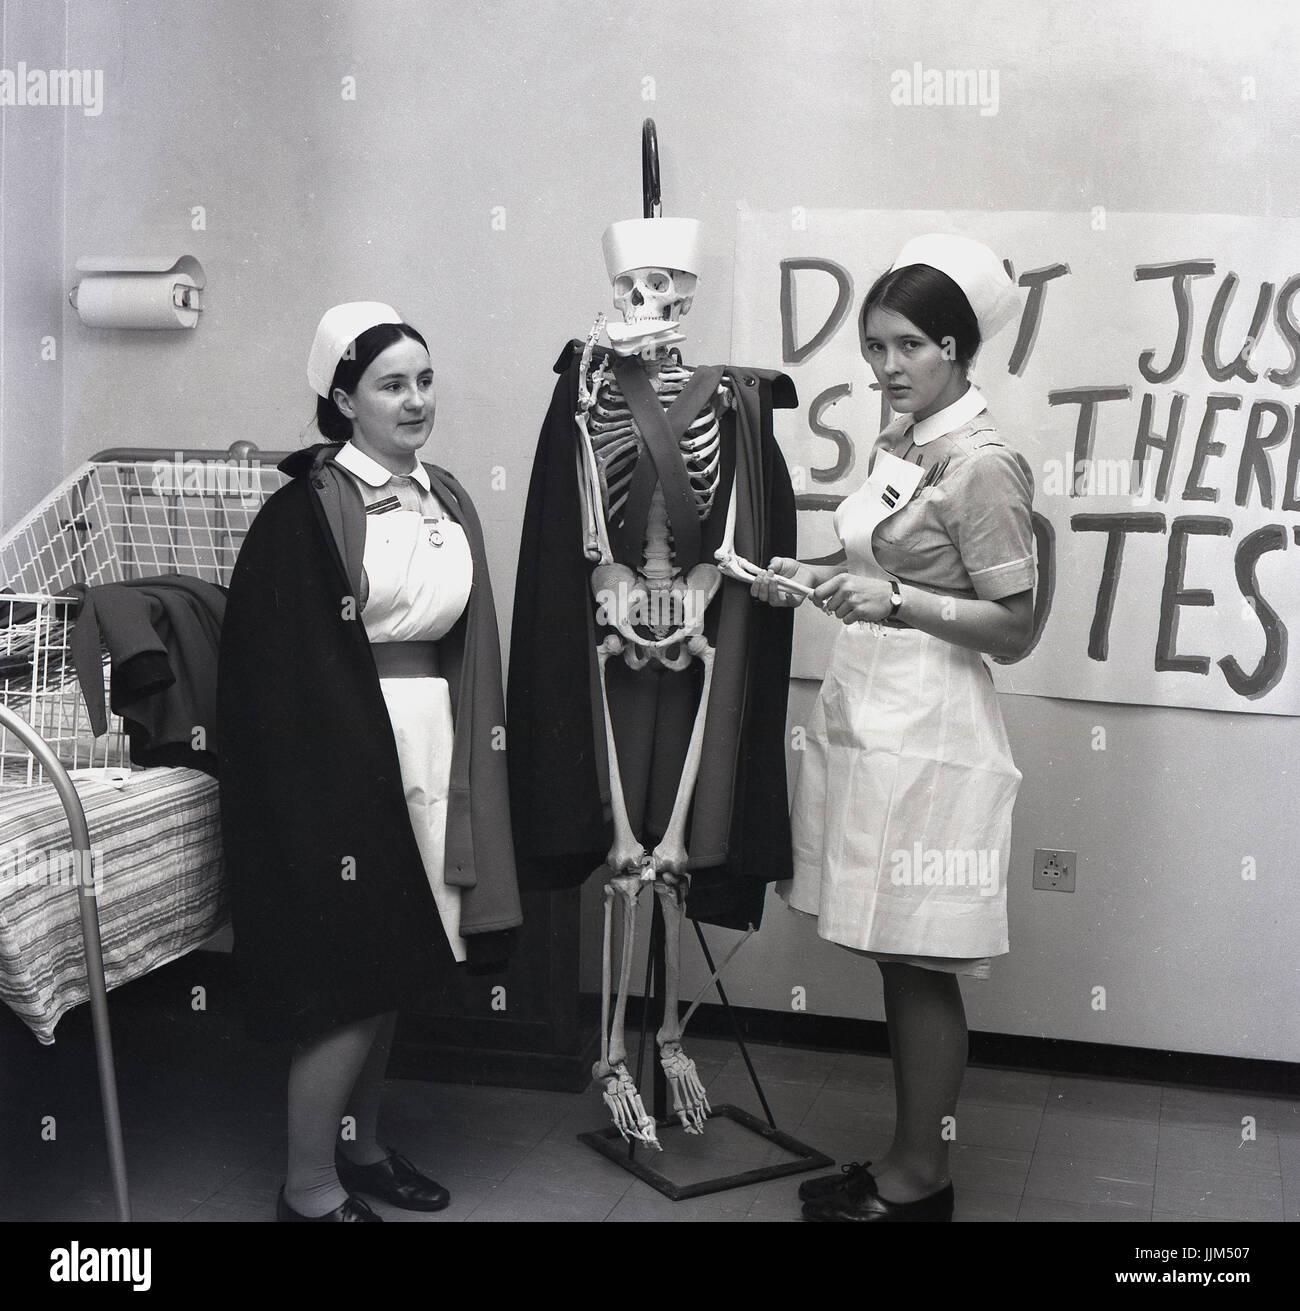 """""""Ist es immer noch am Leben?"""" der 60er Jahre, England, auf einer Krankenstation, zwei weibliche Krankenschwestern Stockfoto"""